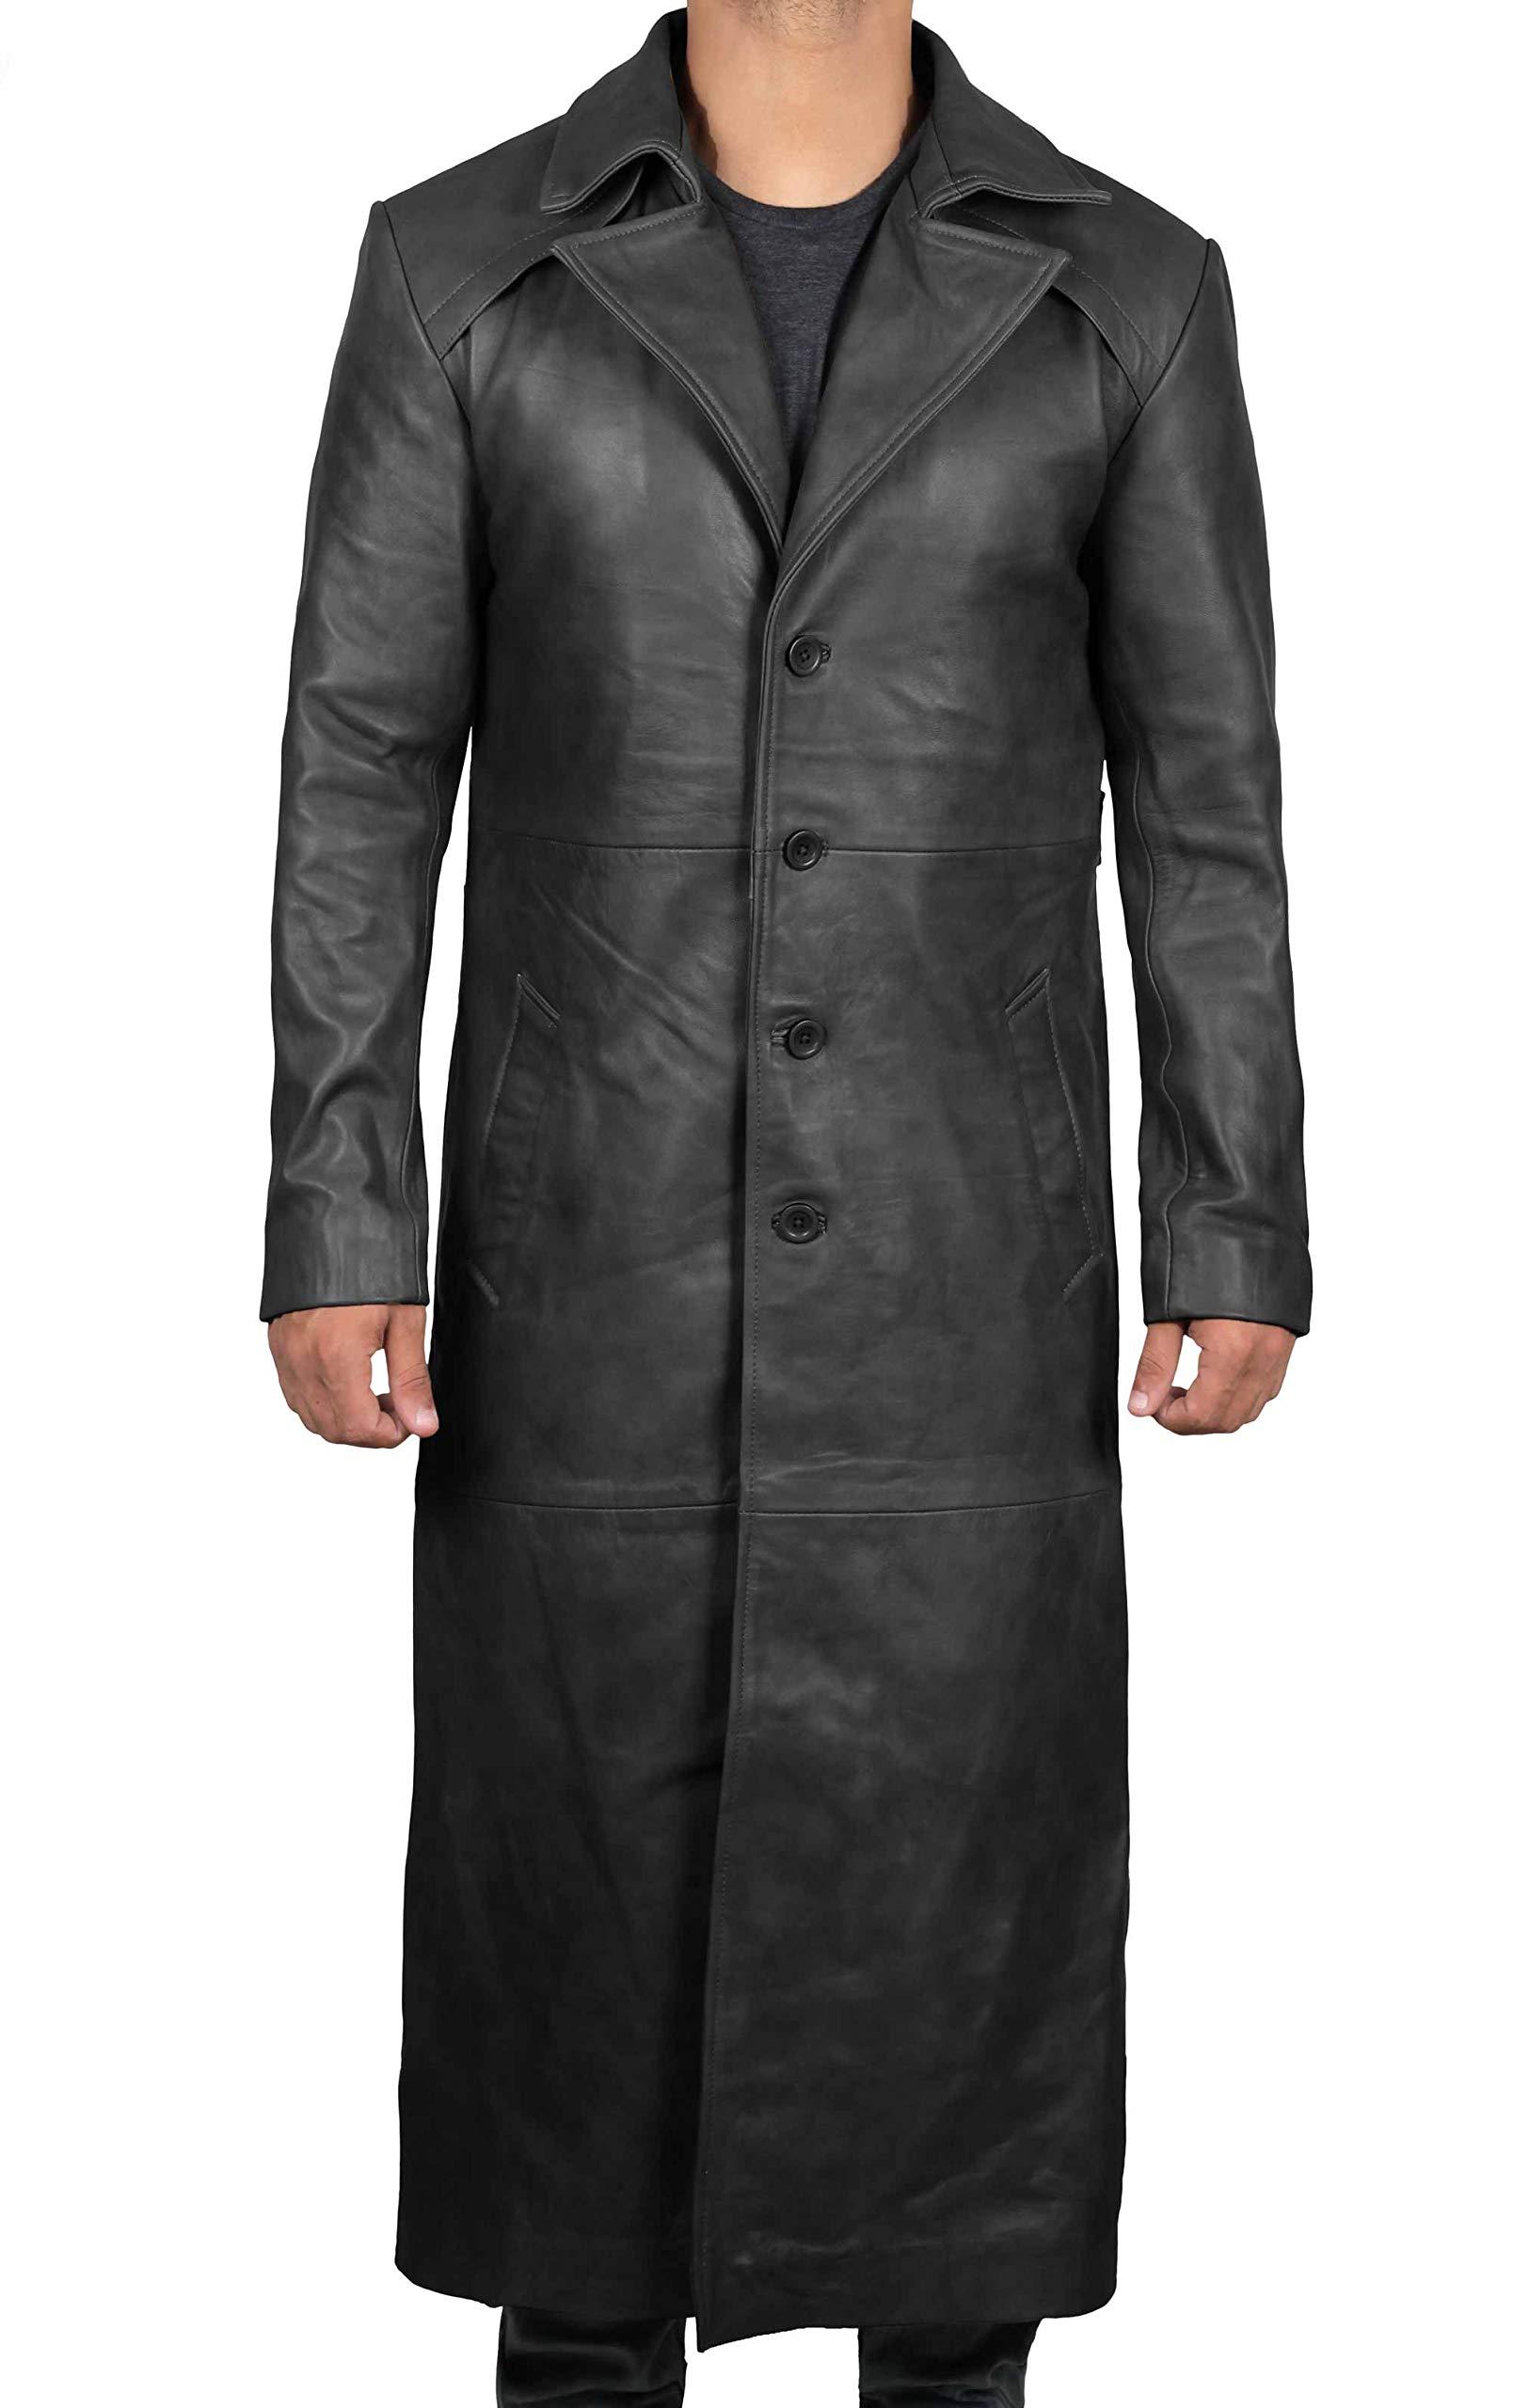 Decrum Black Jackson Leather Coat Men - Full Length Duster Overcoat Men | [1500281] XS